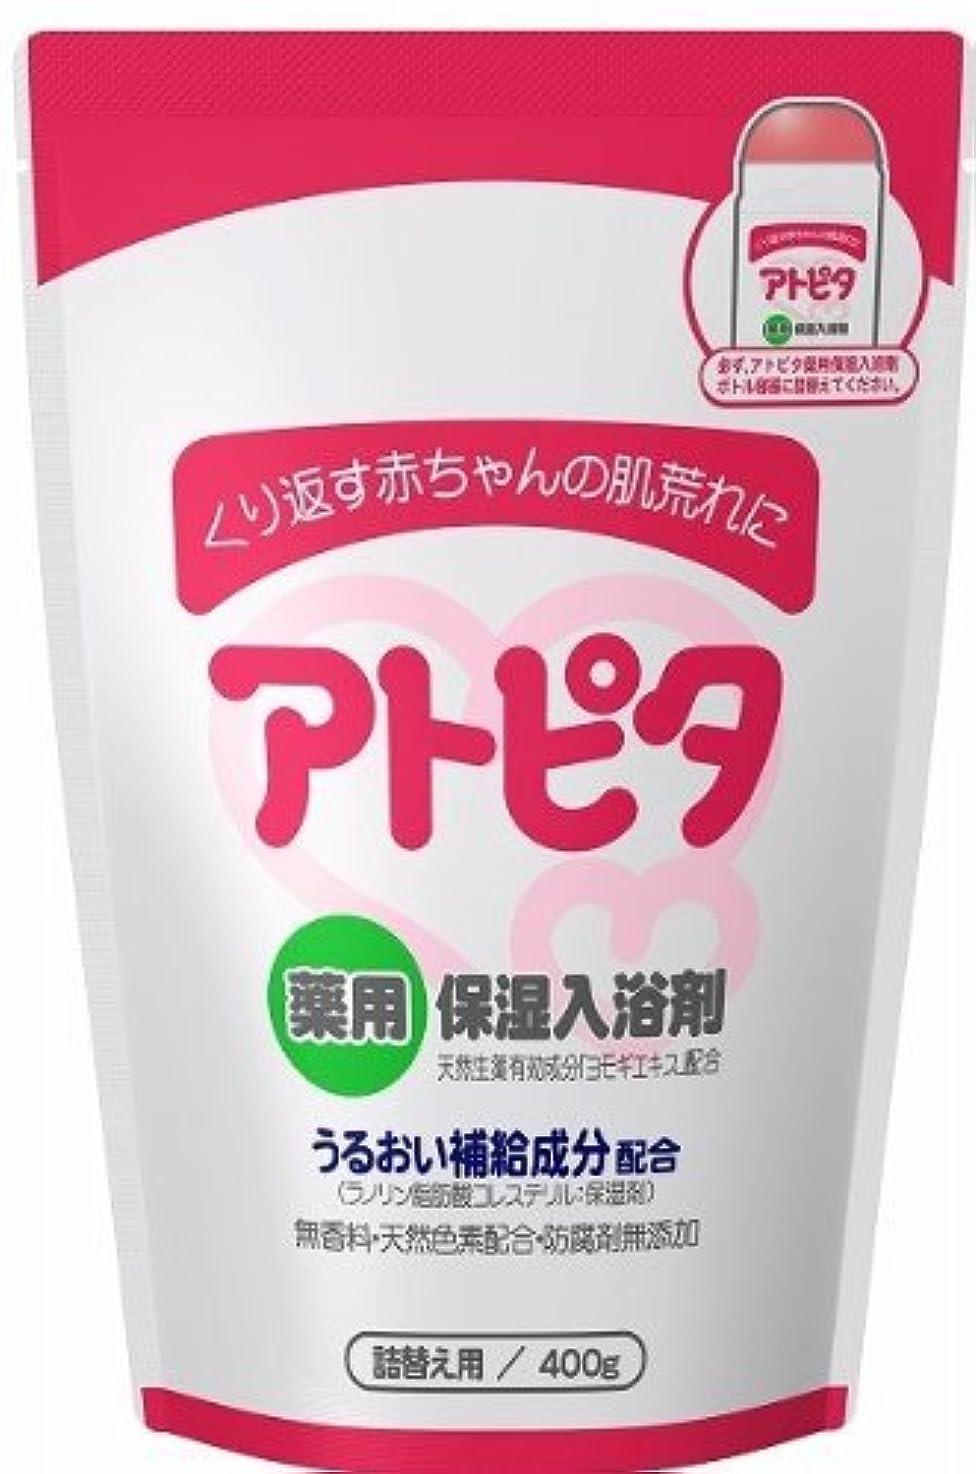 体ホステルスタッフ薬用入浴剤 アトピタ 400g(詰替え用)